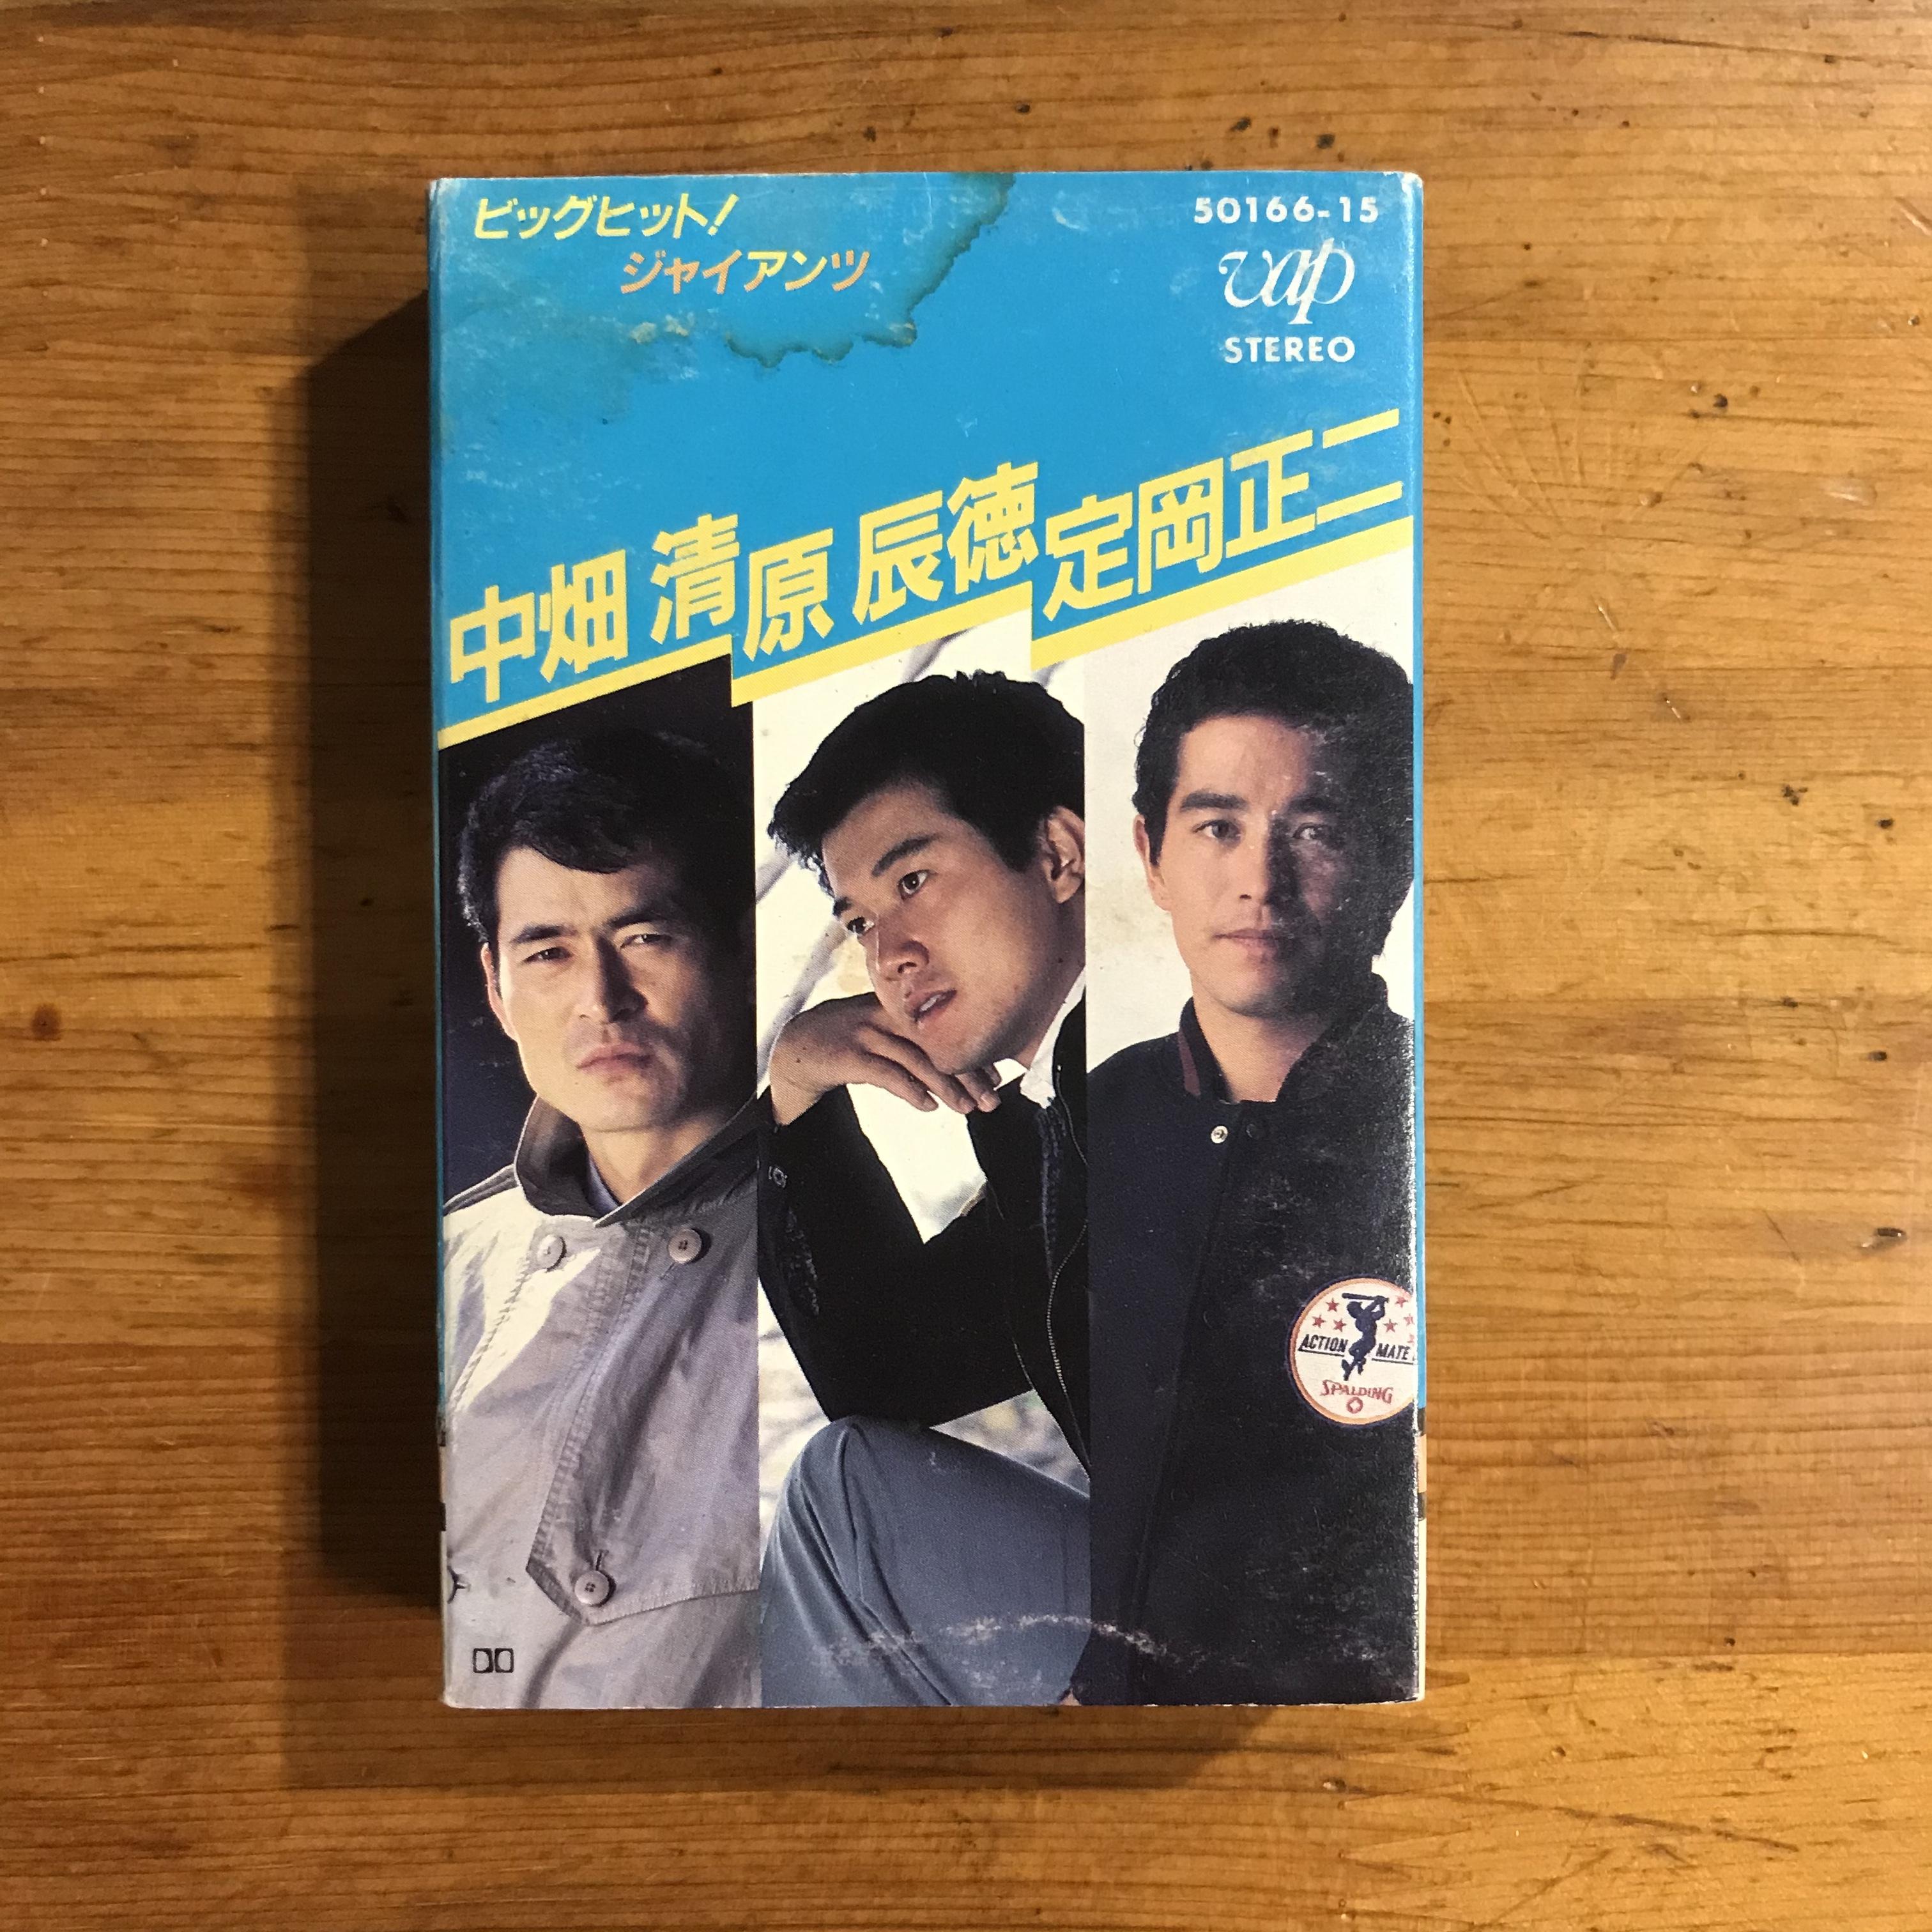 【中古】ビッグヒット!ジャイアンツ 中畑清/原辰徳/定岡正二(カセットテープ)